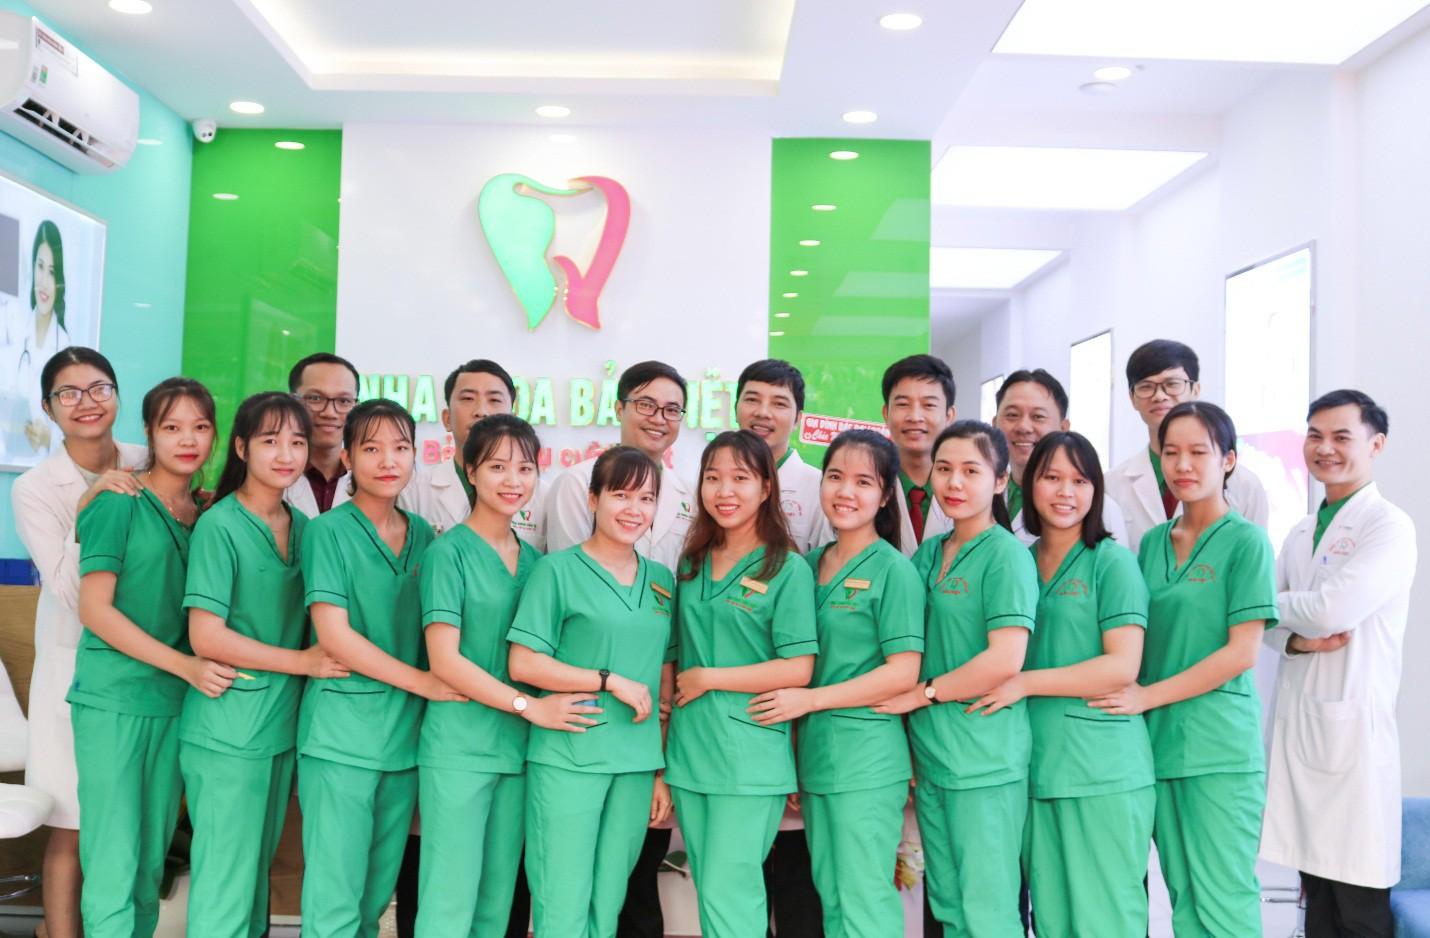 Nha Khoa Bảo Việt khai trương chi nhánh thứ 2 tại Thủ Đức - Ảnh 4.